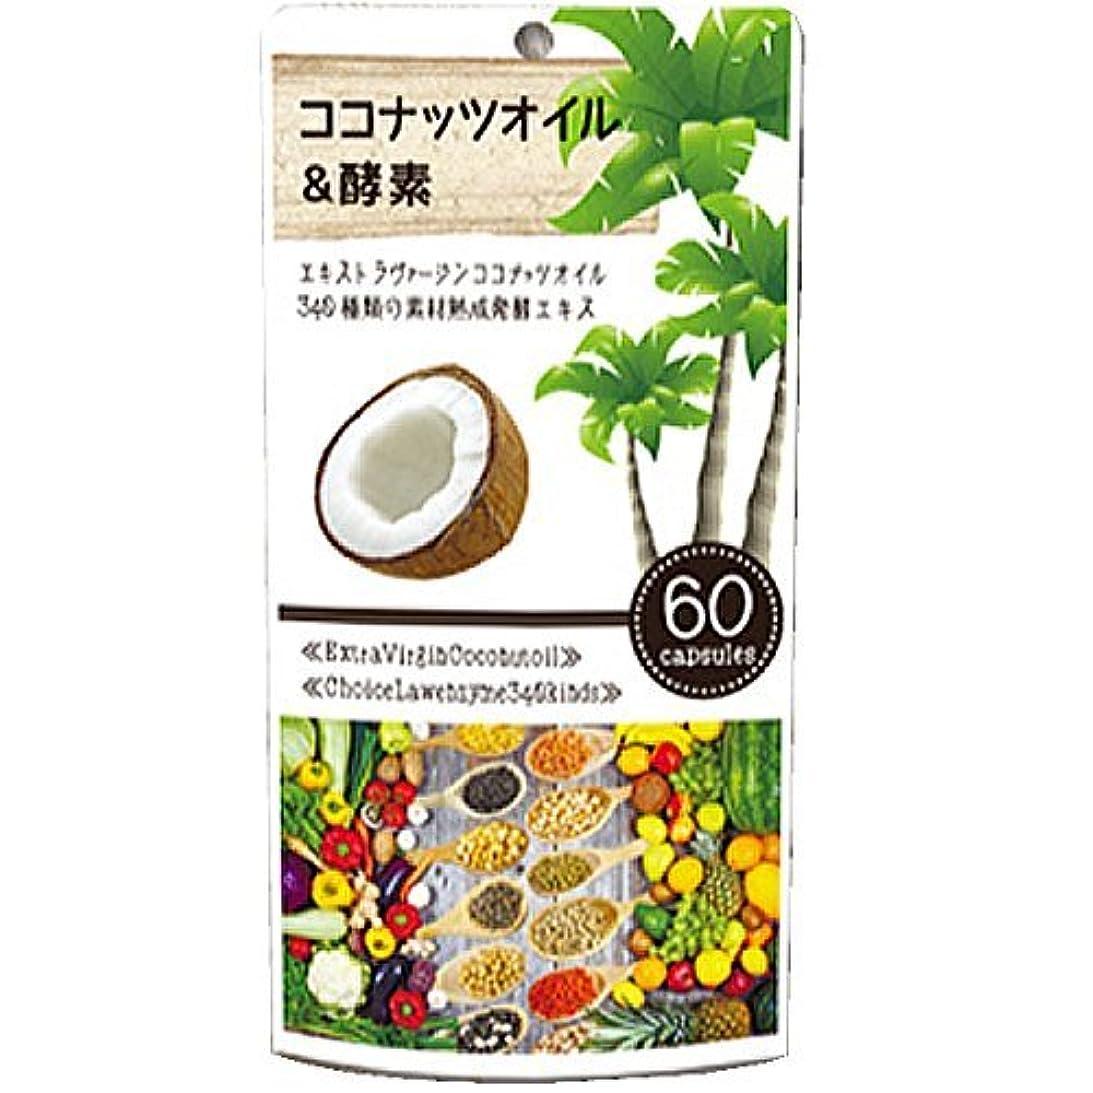 のホストくそーピカリングココナッツオイル&酵素 60粒